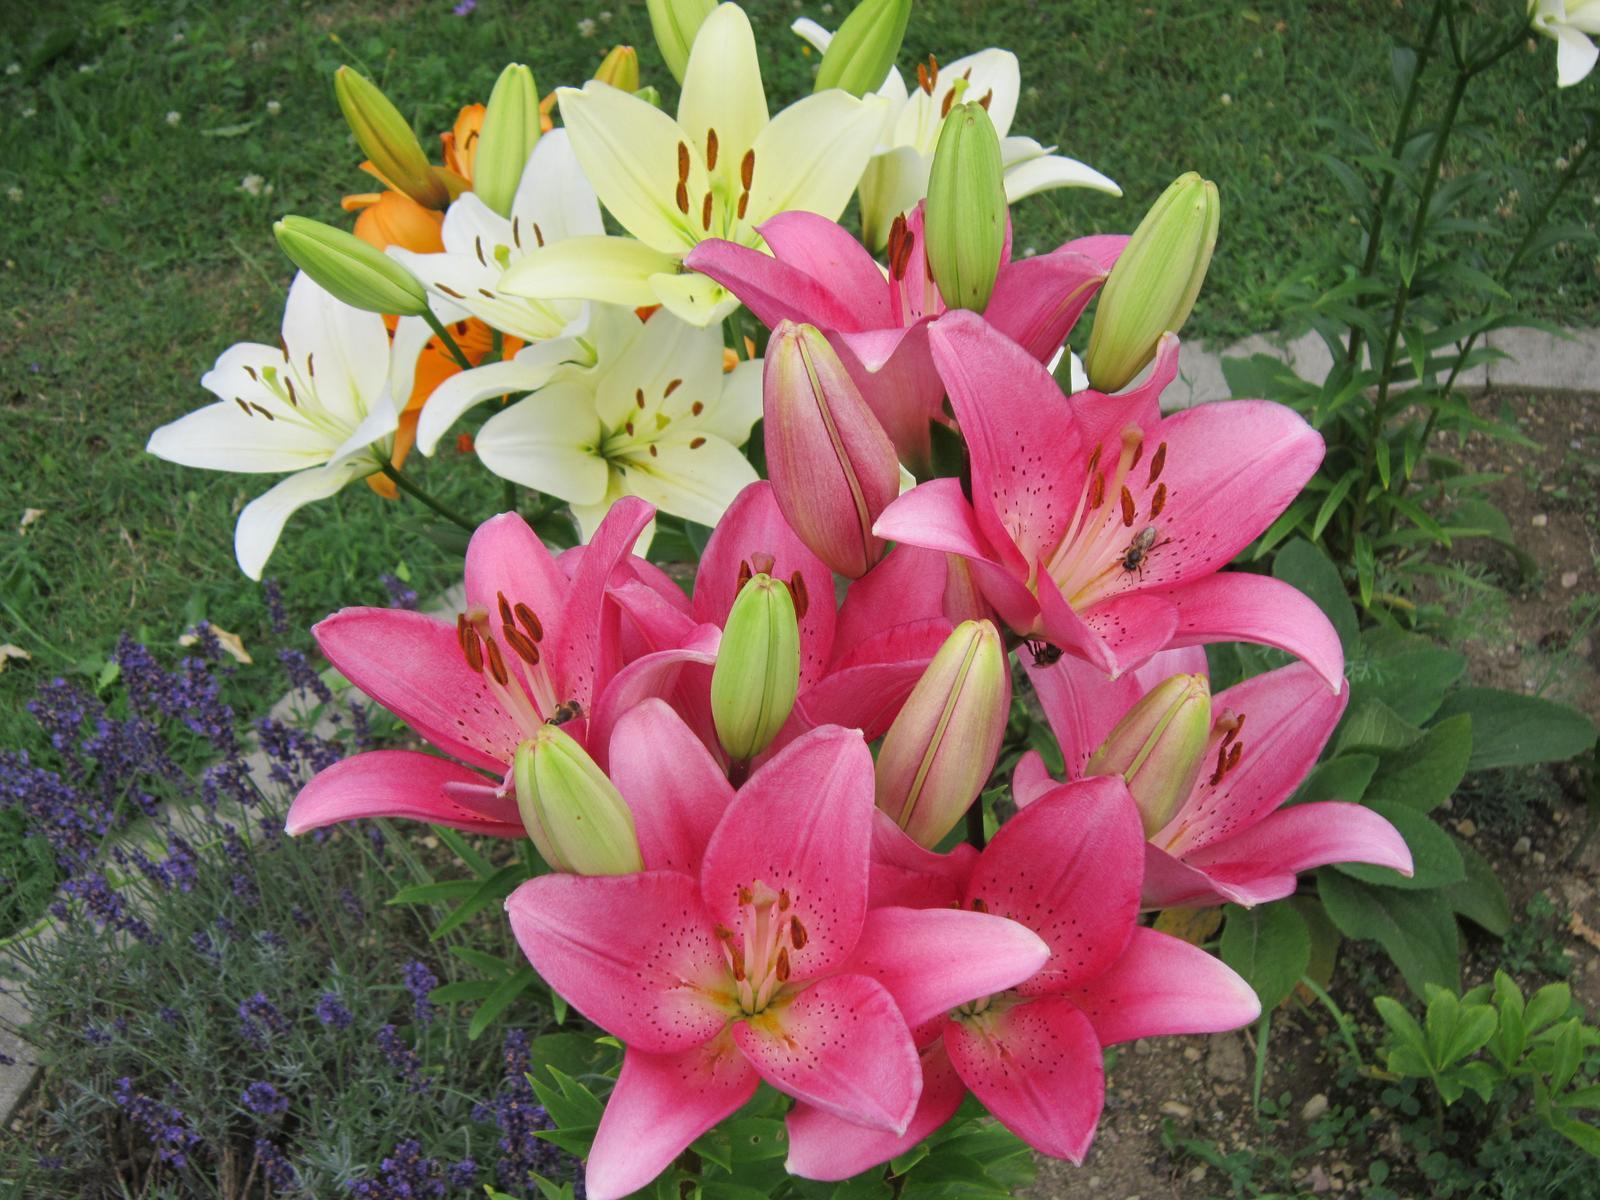 Pozvanie do našej jarnej záhrady - Veľmi príjemné farby...neviem sa na ne vynadívať...